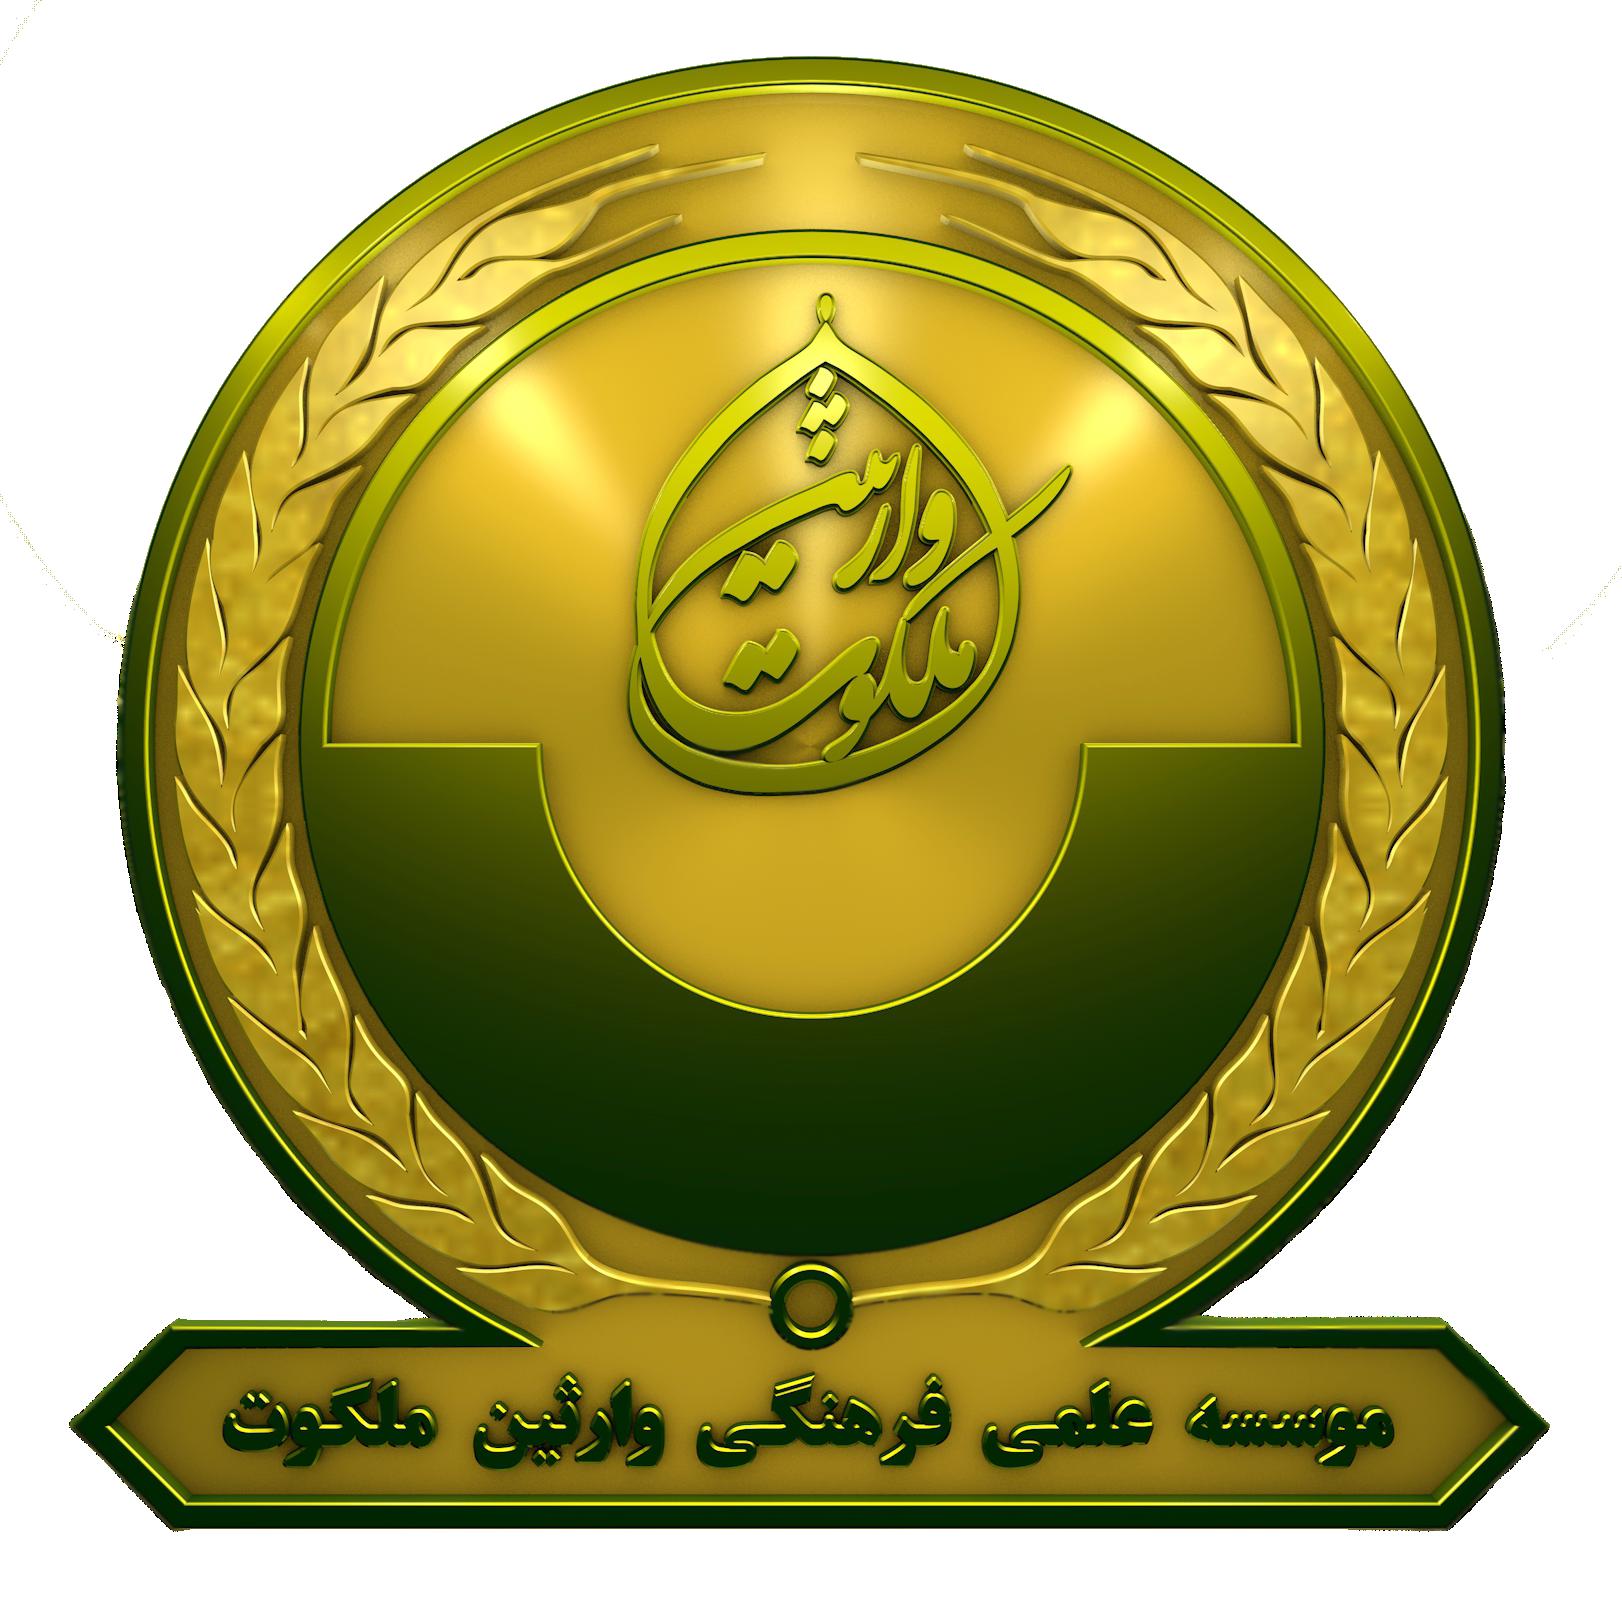 موسسه وارثین ملکوت | وب سایت دعوت سید احمد الحسن یمانی